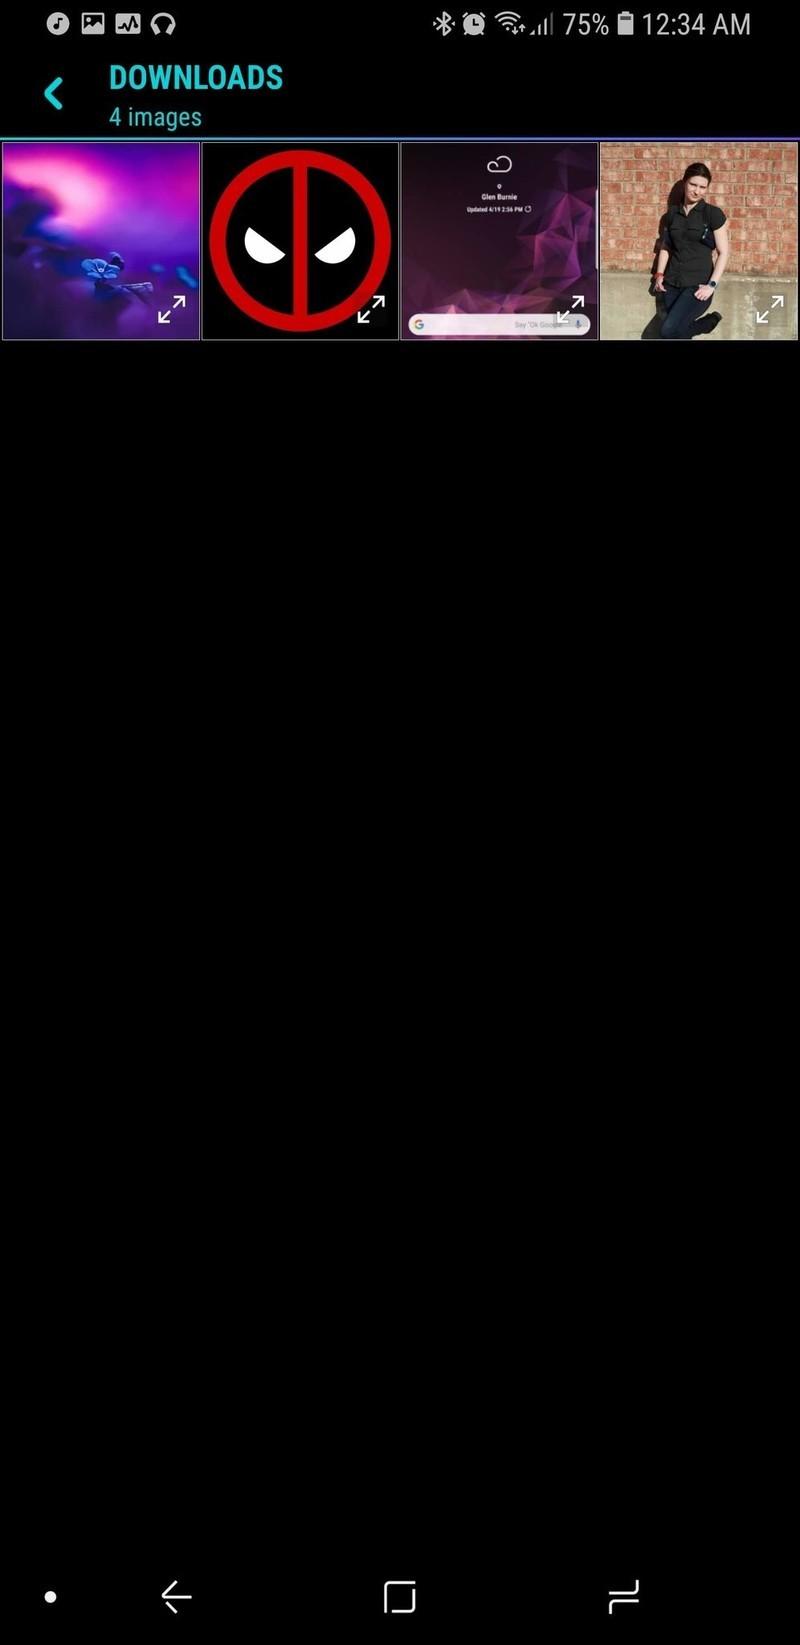 deadpool-18-logo-5.jpg?itok=1h7rEvl4